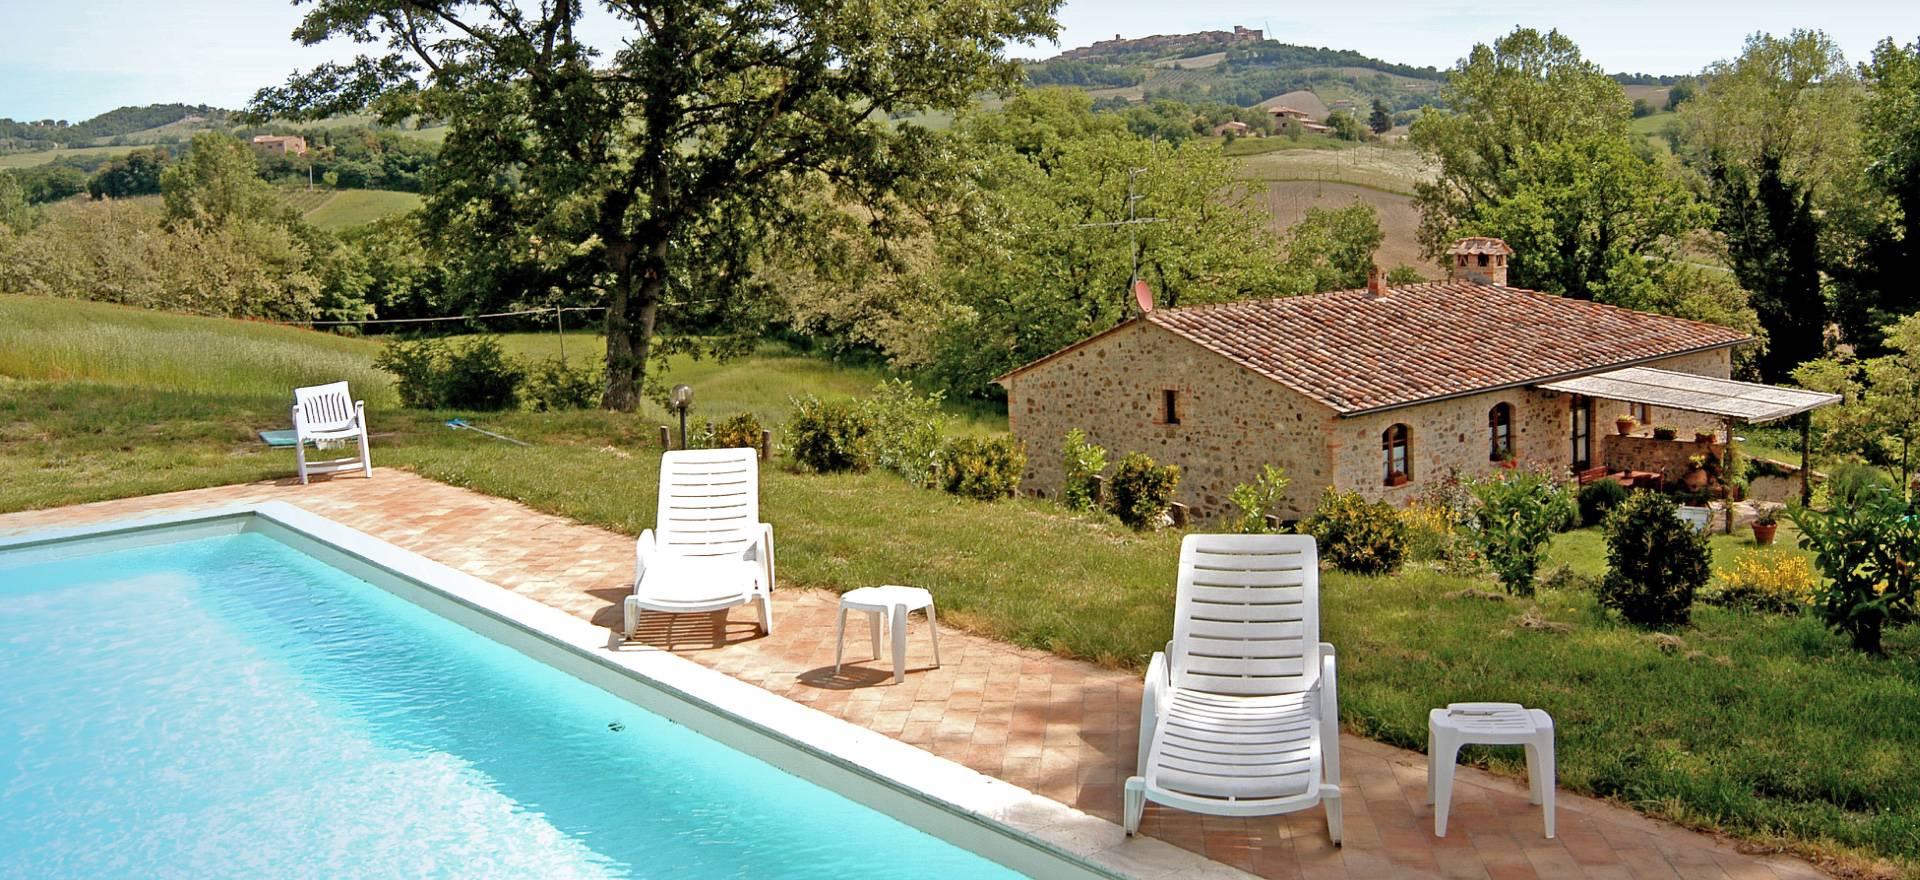 Agriturismo Toscane Twee landhuizen met prive zwembad in Toscane